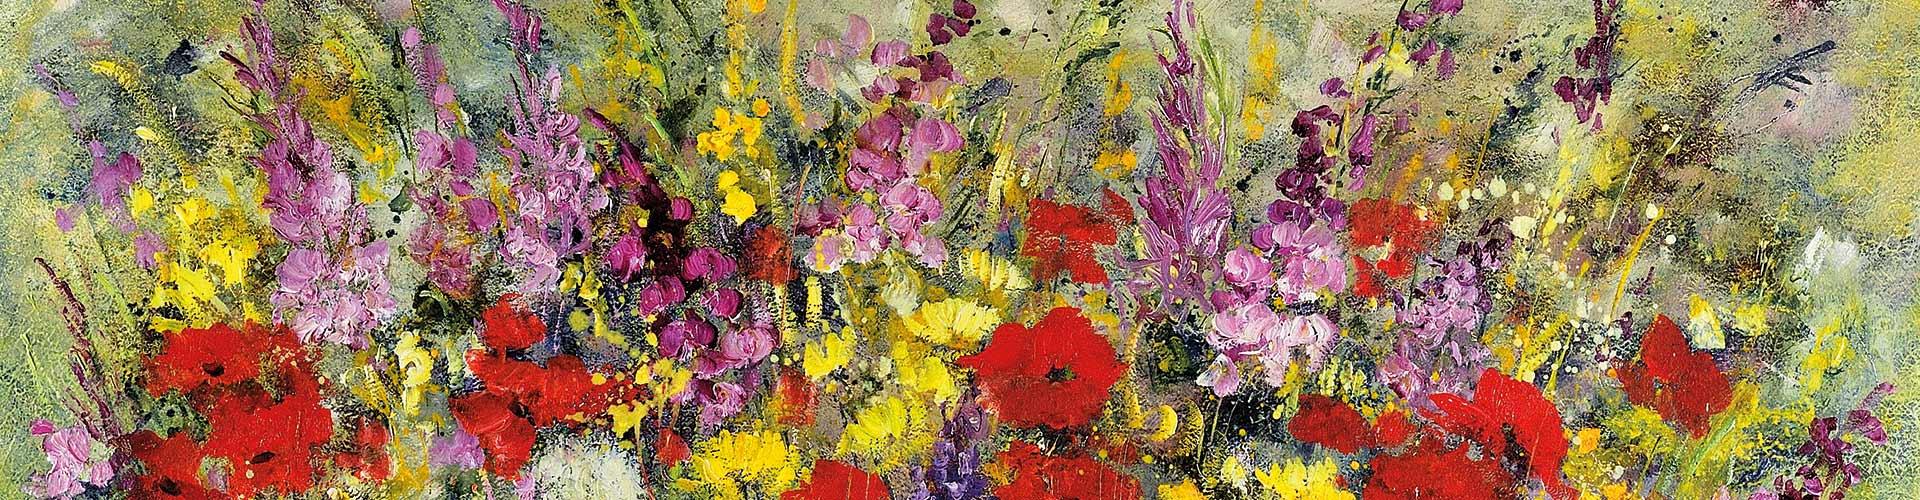 luciano-pasquini-fiori-title